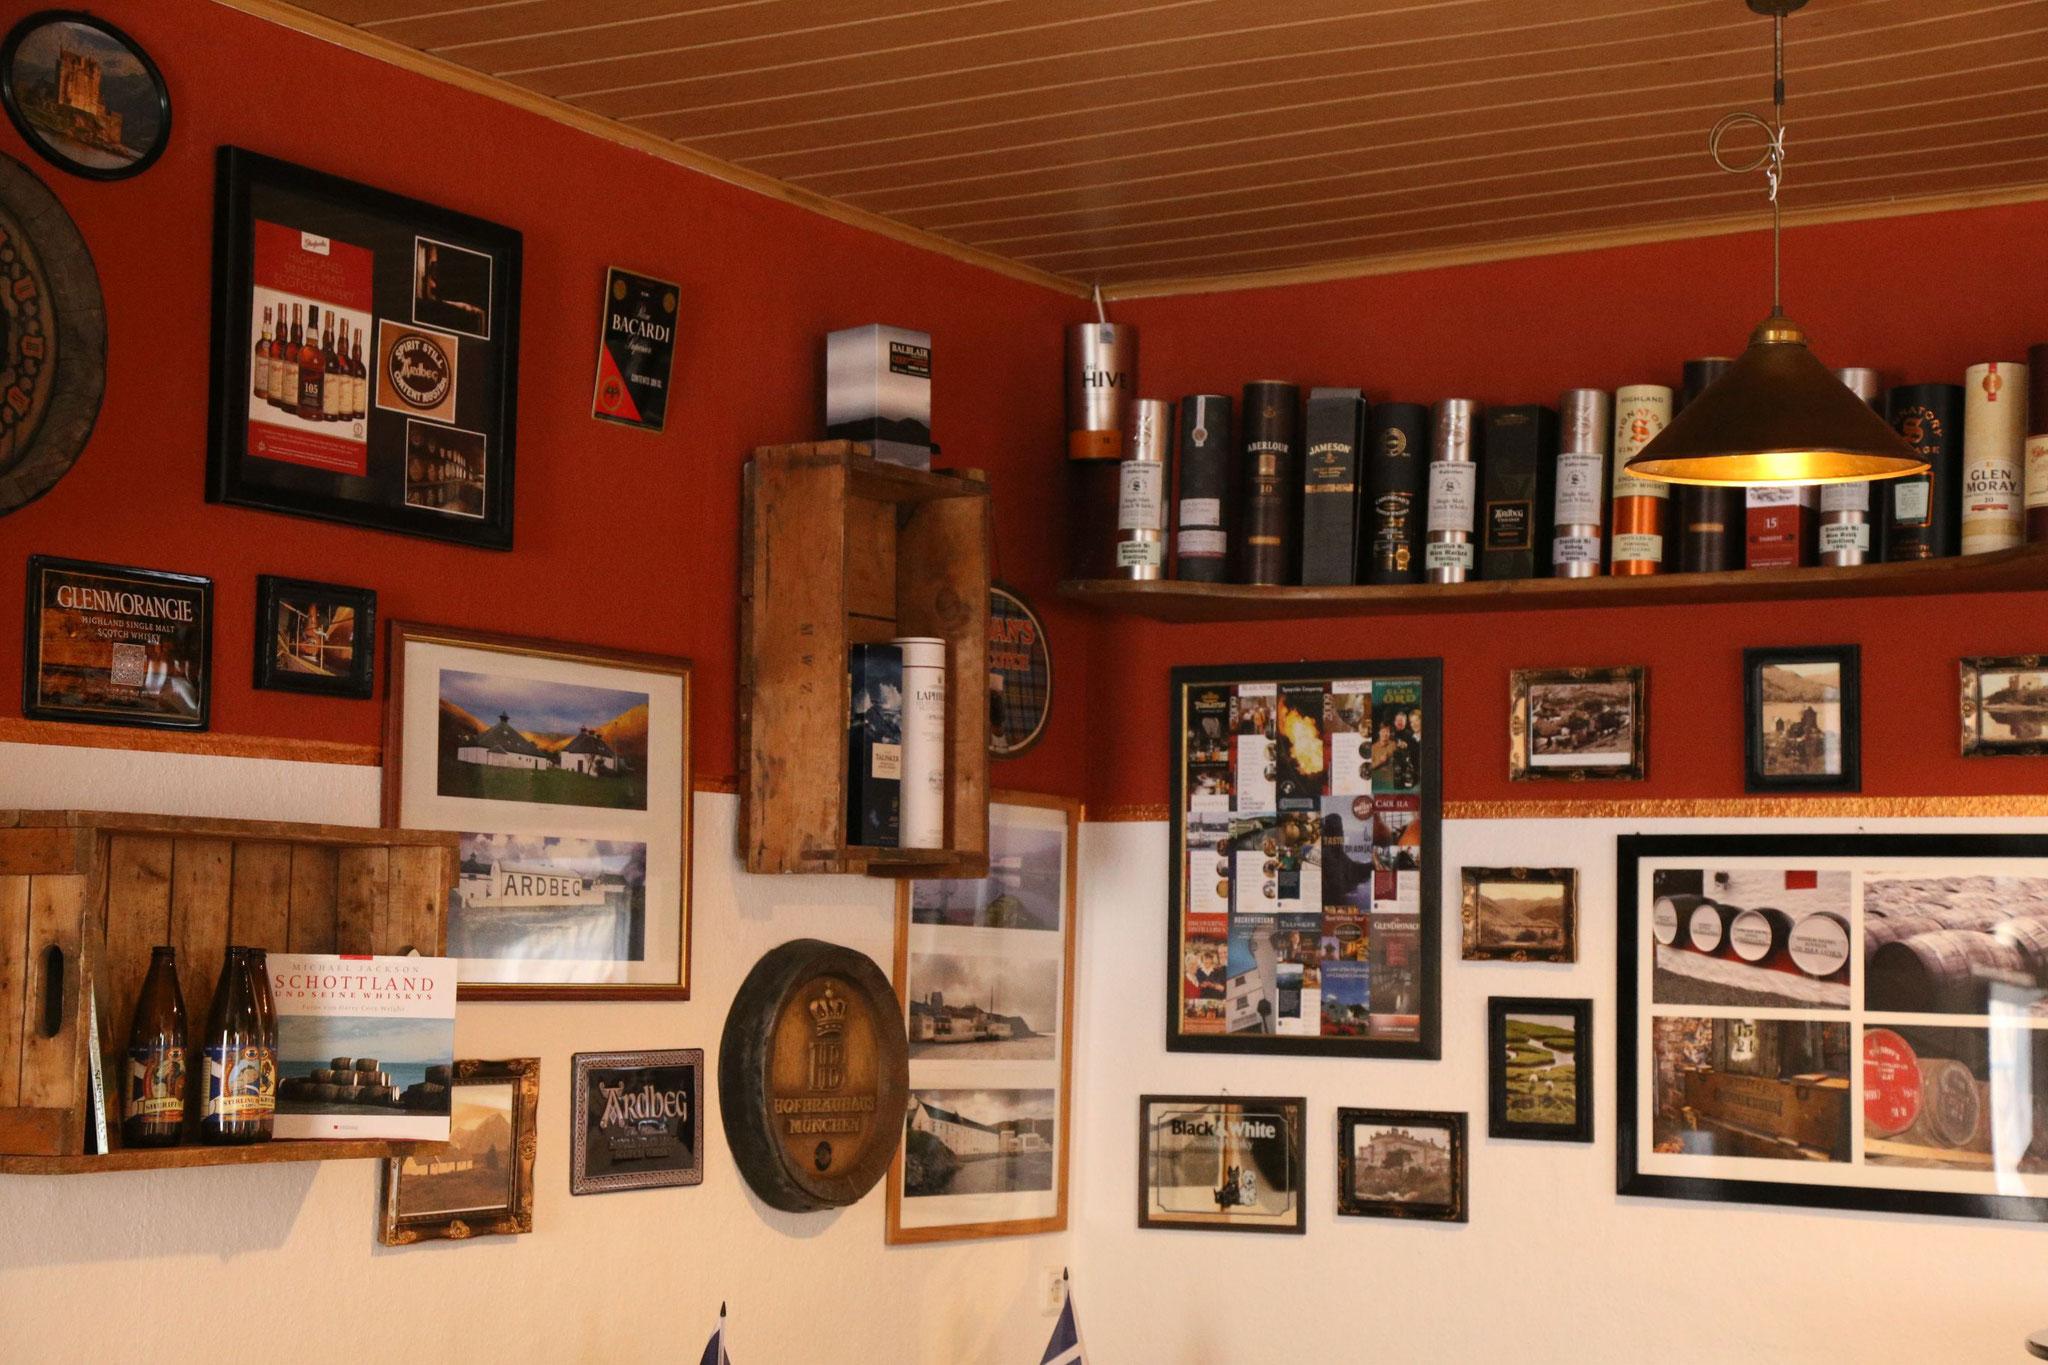 Deko mit Bezug zu Whisky, Bier und Schottland